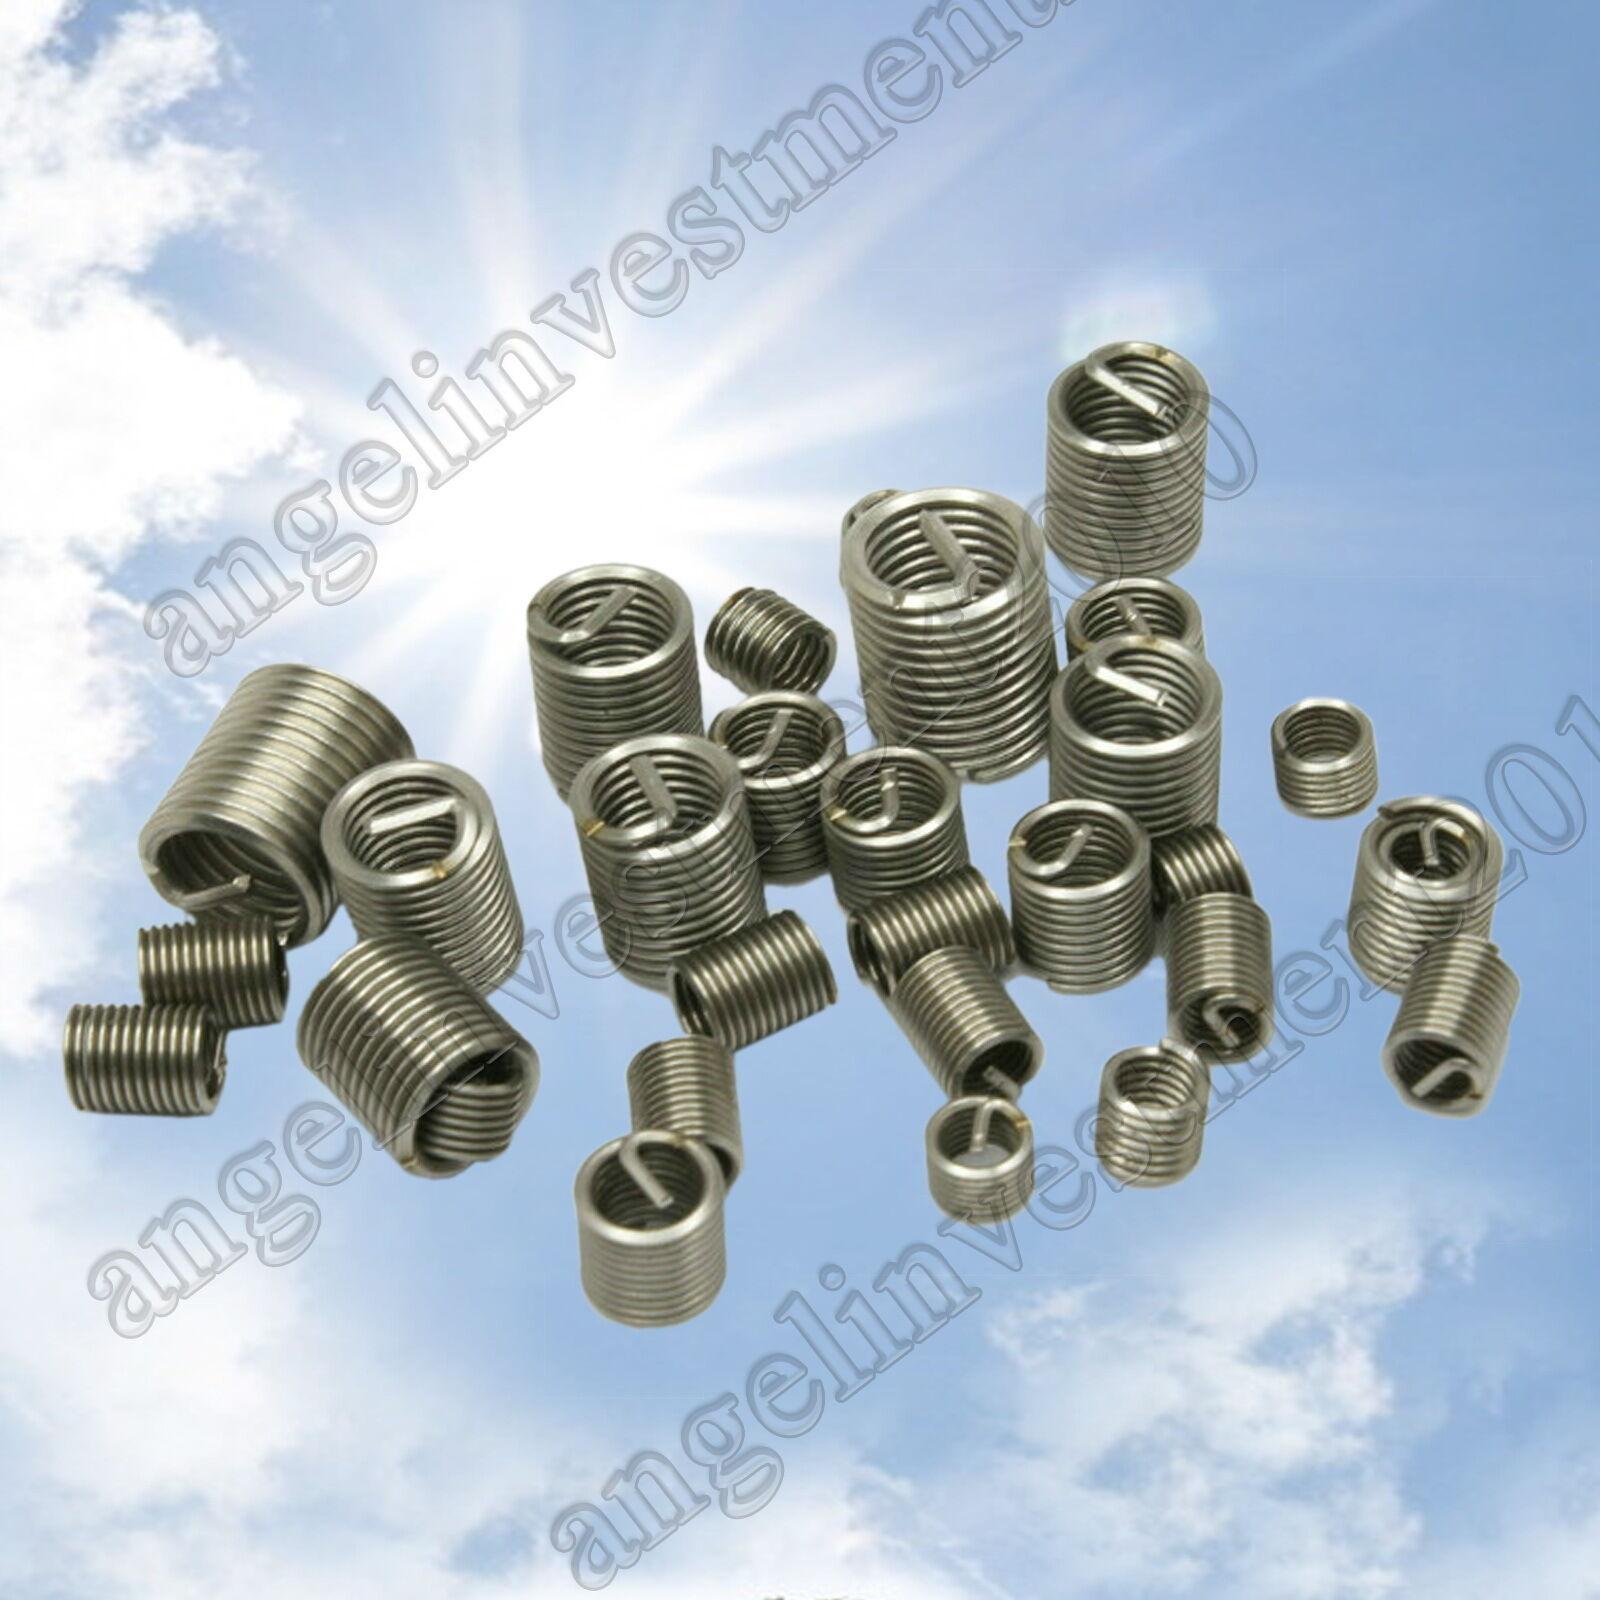 10pcs New M16*2 1.5D insert length helicoil Stainless Steel Screw Thread insert